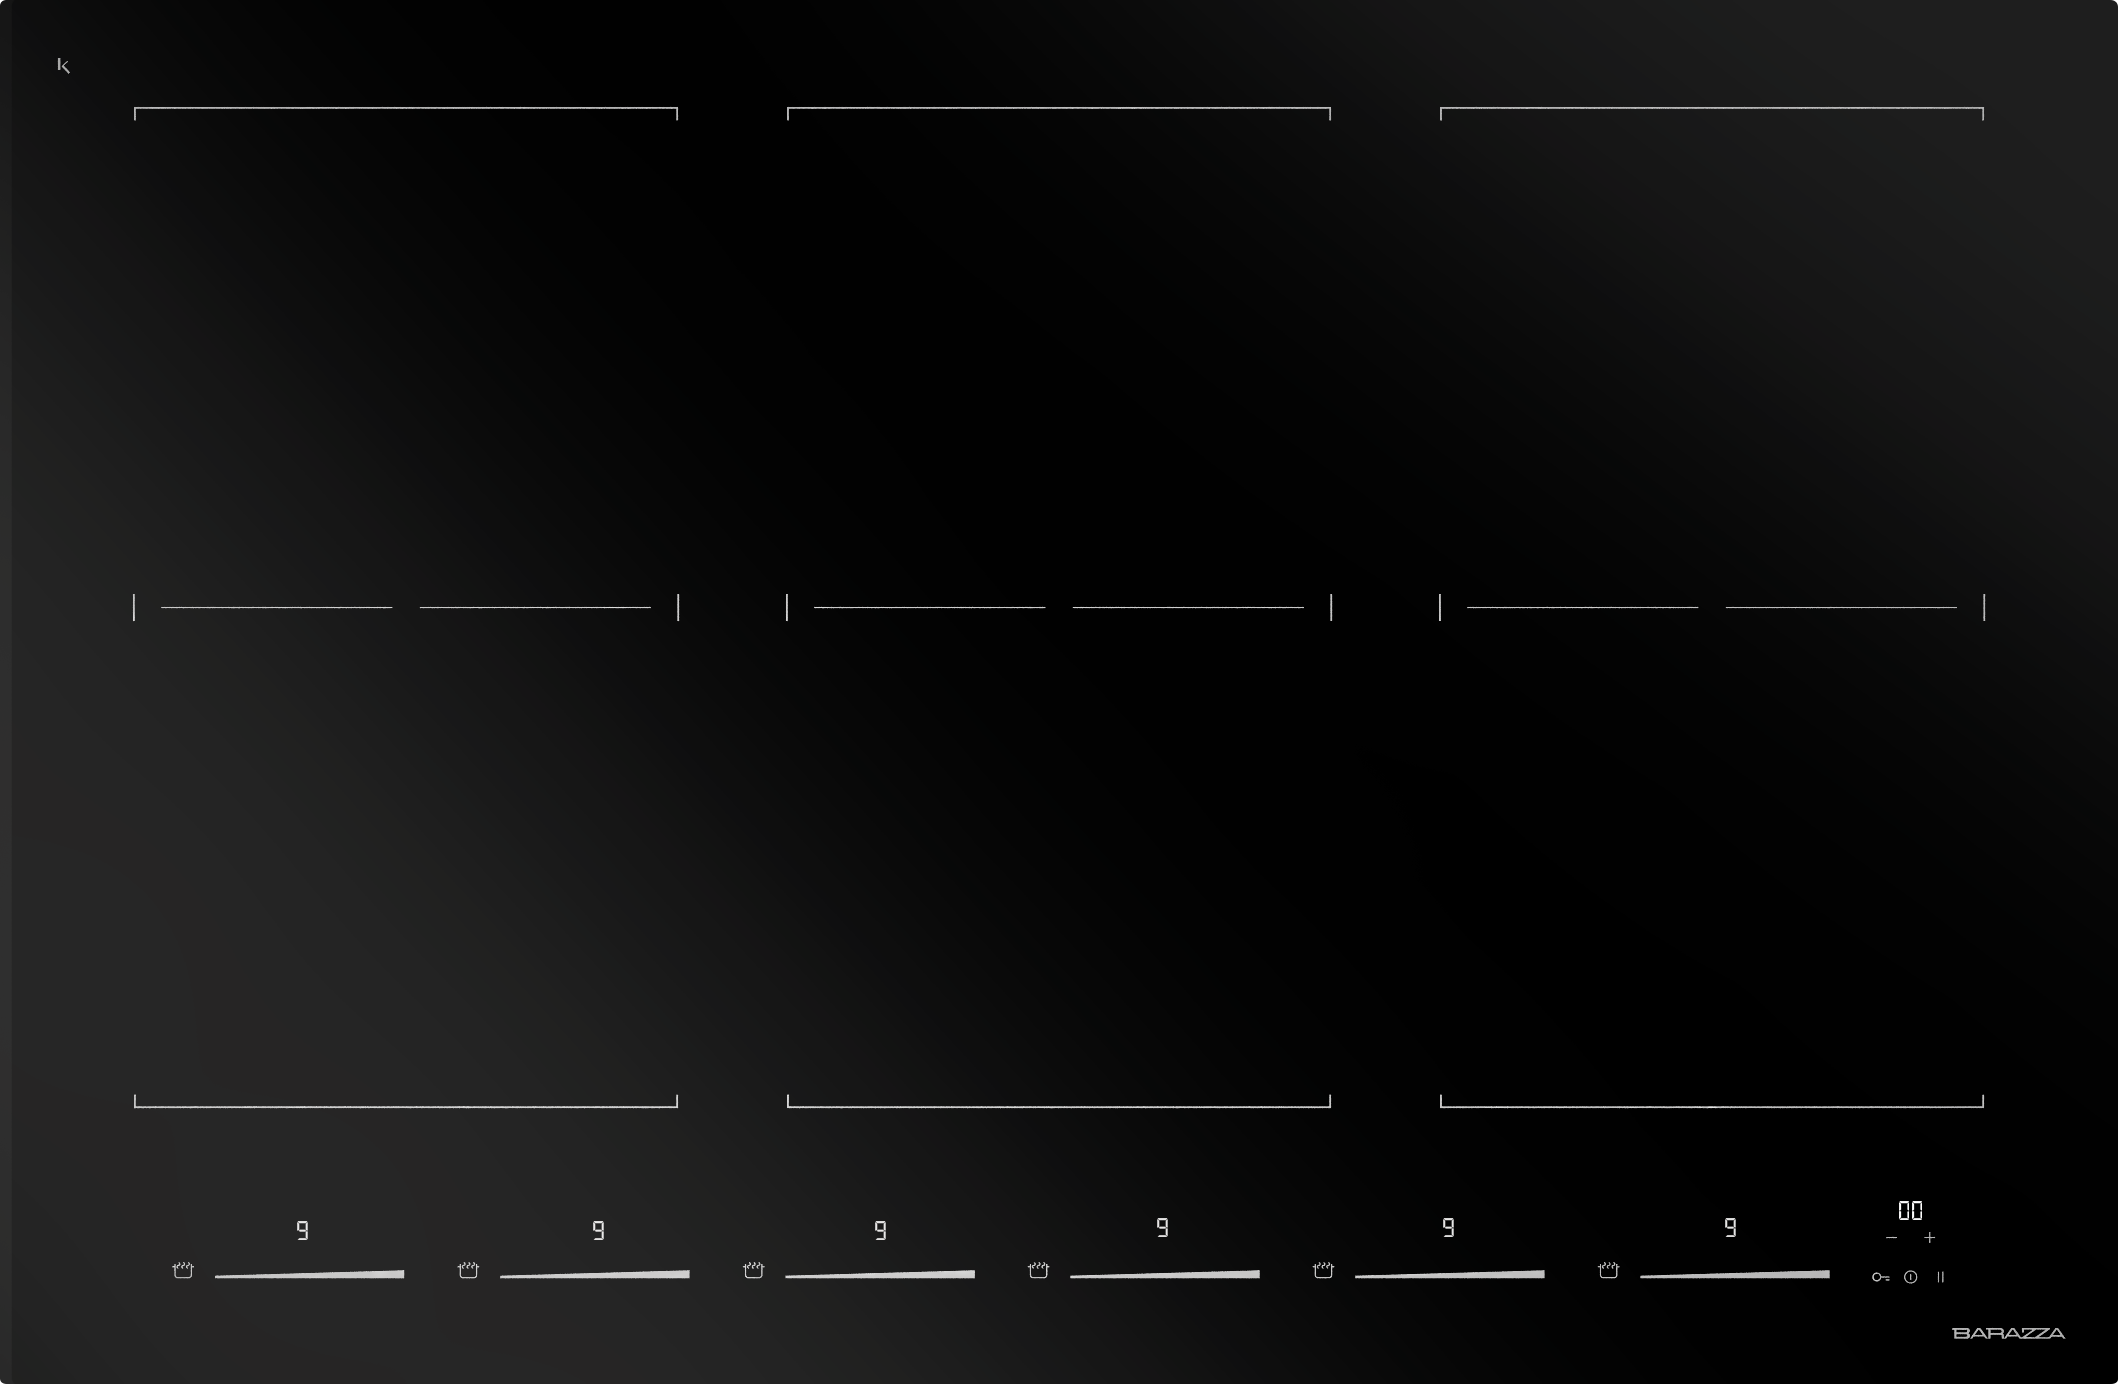 Miglior Piano Cottura Induzione 2018 piano cottura induzione space incasso e filo da 80 - barazza srl